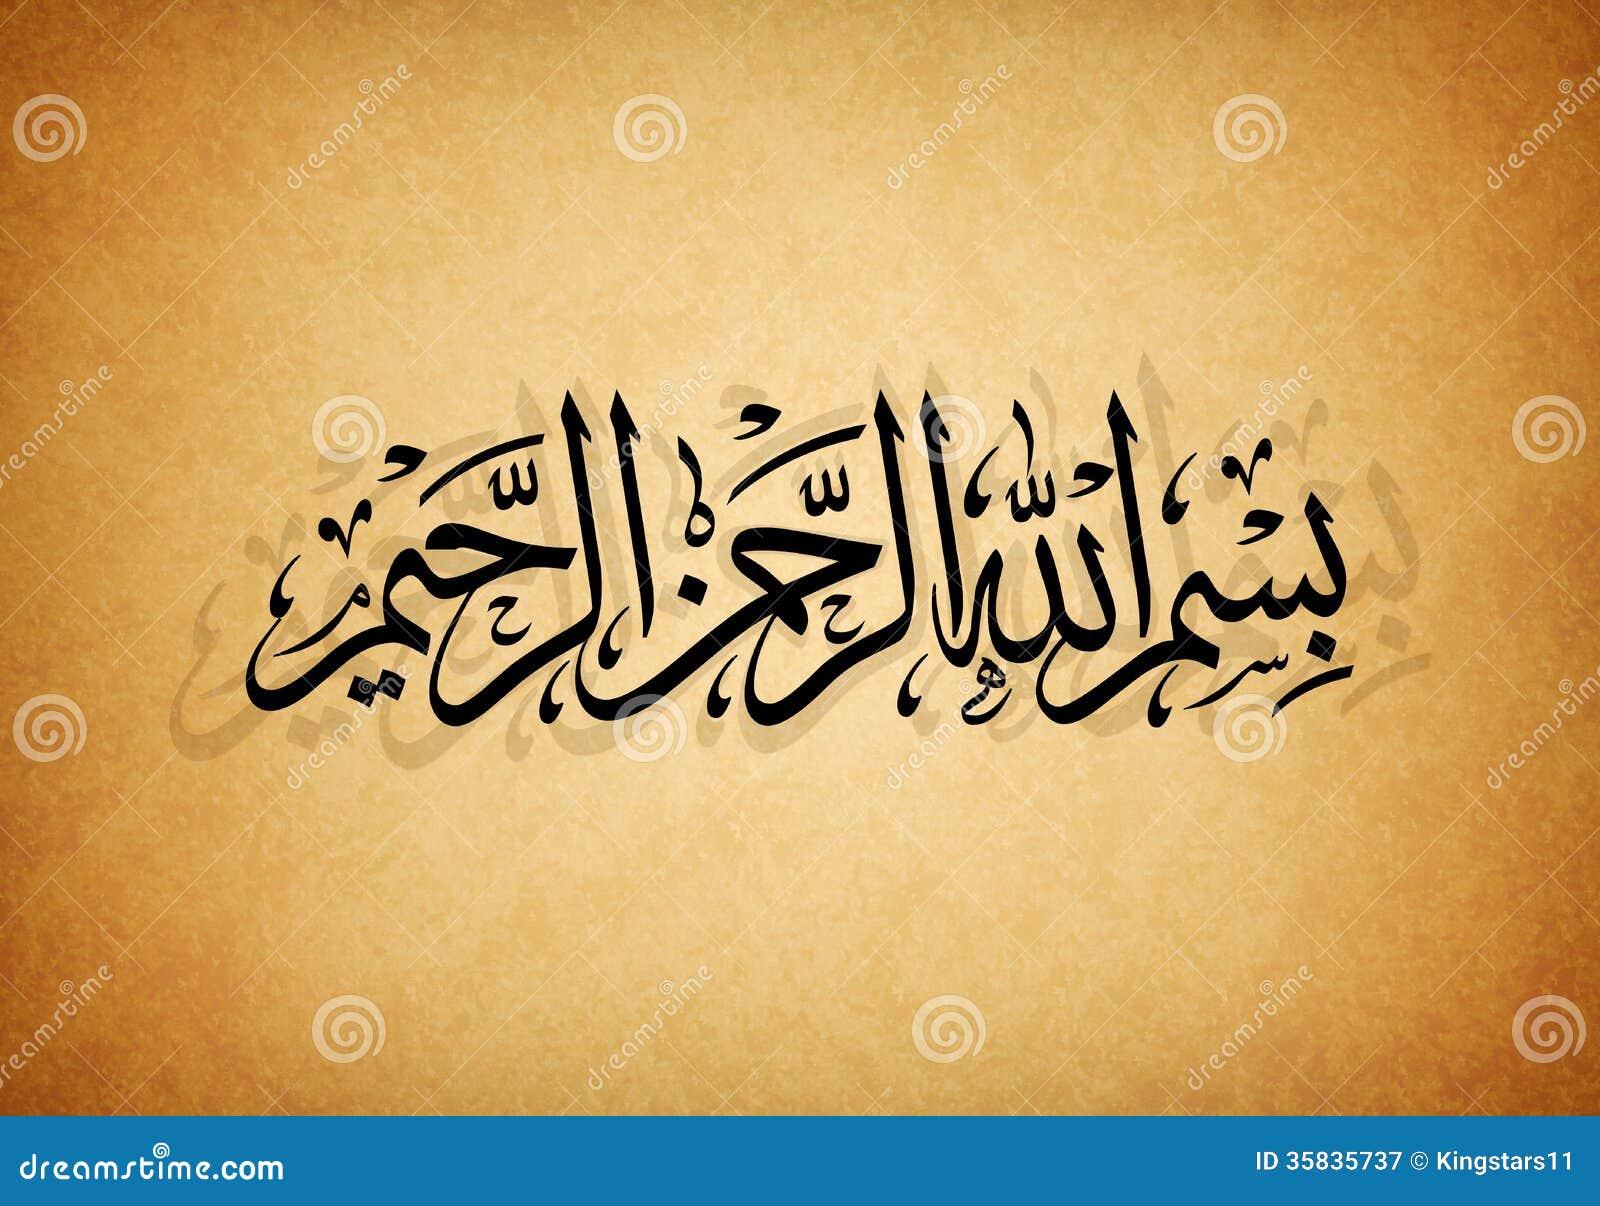 Albasmala Basmala In The Name Of God Arabic